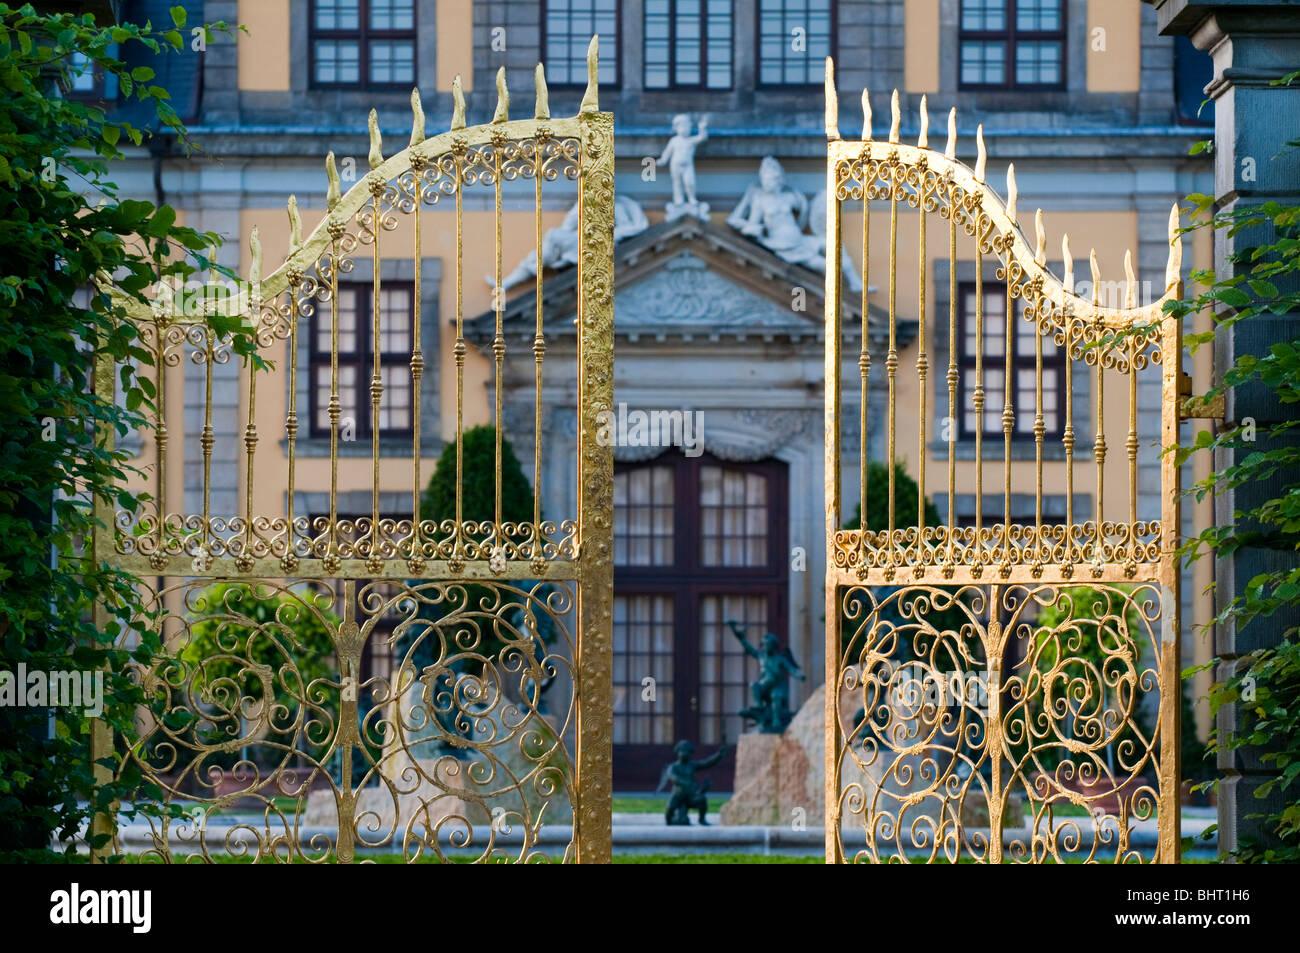 Hannover Gallery Imágenes De Stock Hannover Gallery Fotos